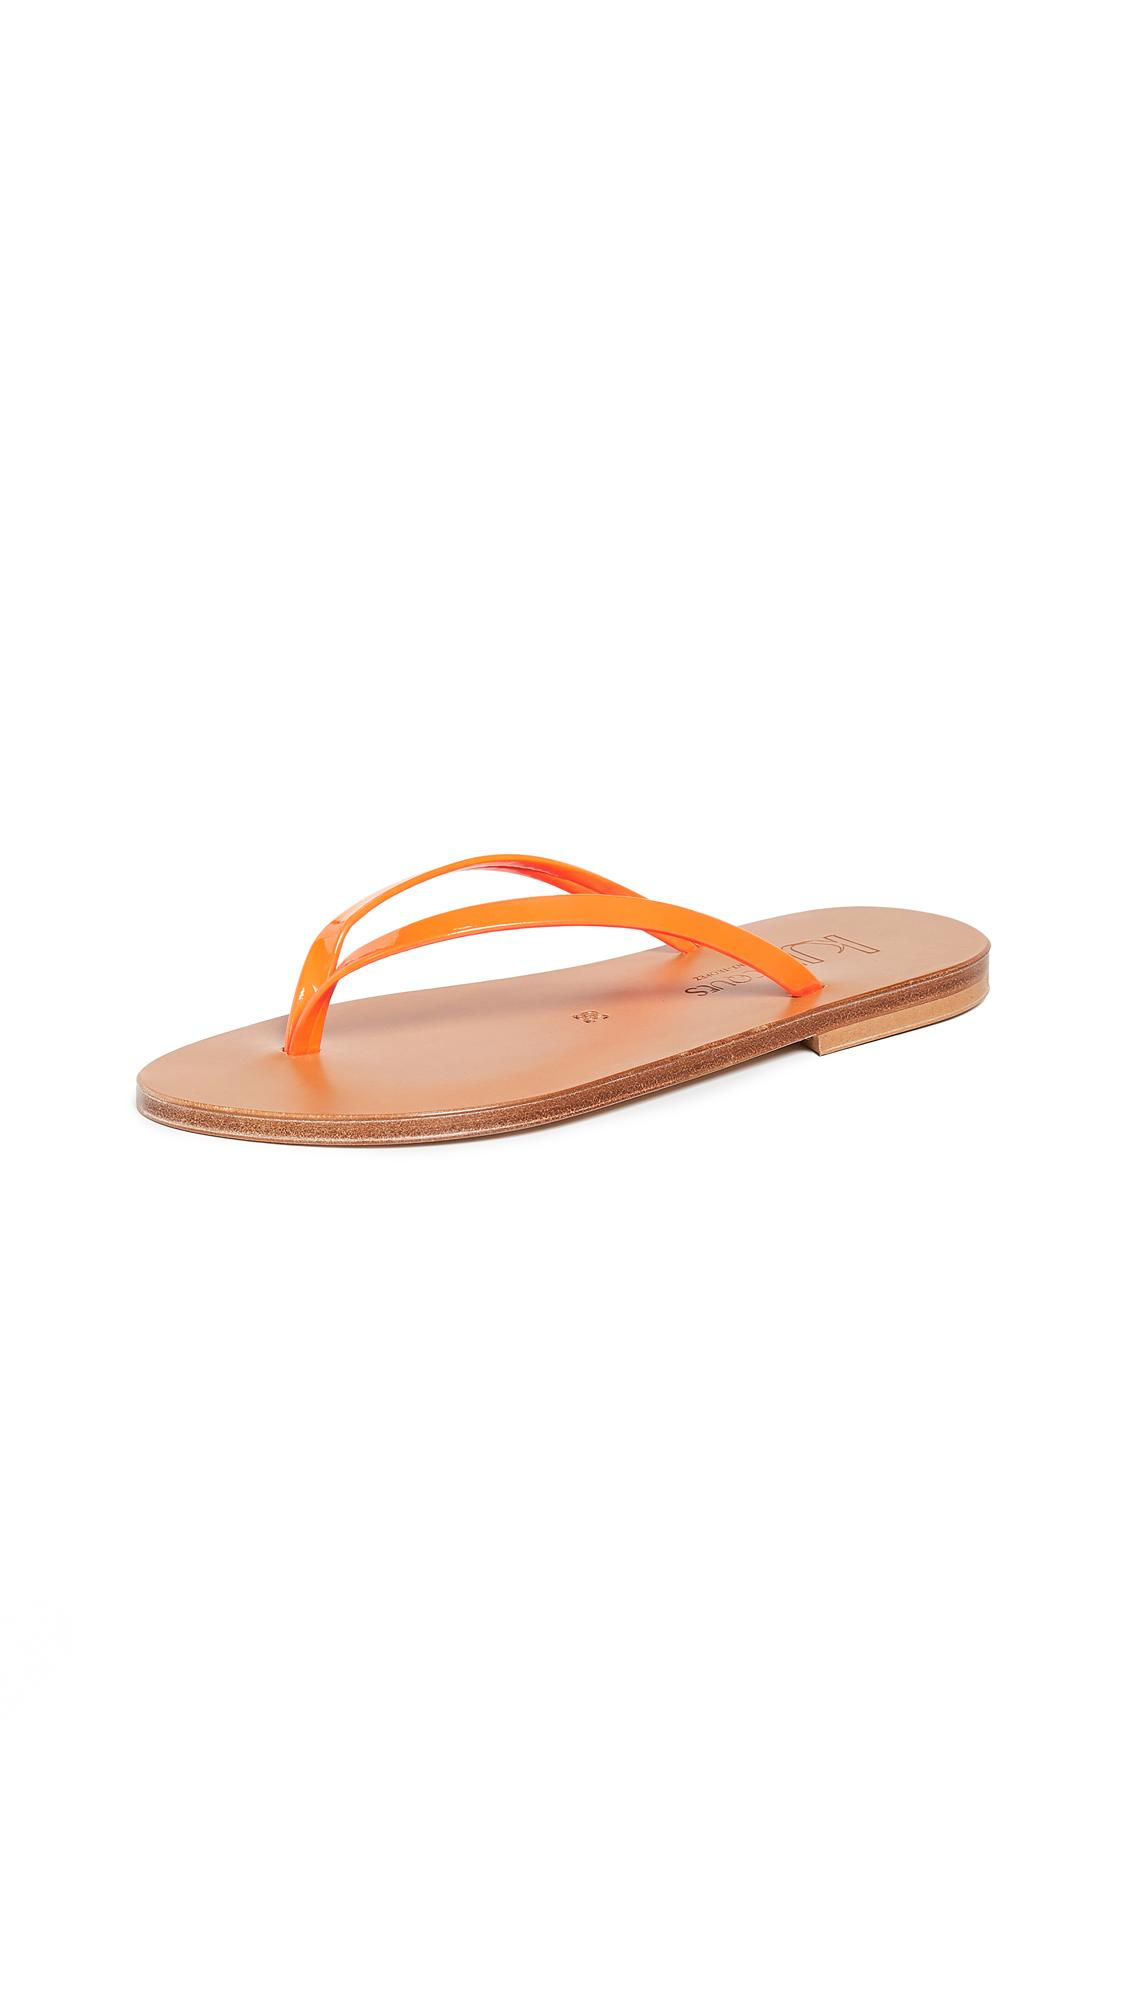 K. Jacques Venise Flip Flops - Fluo Orange